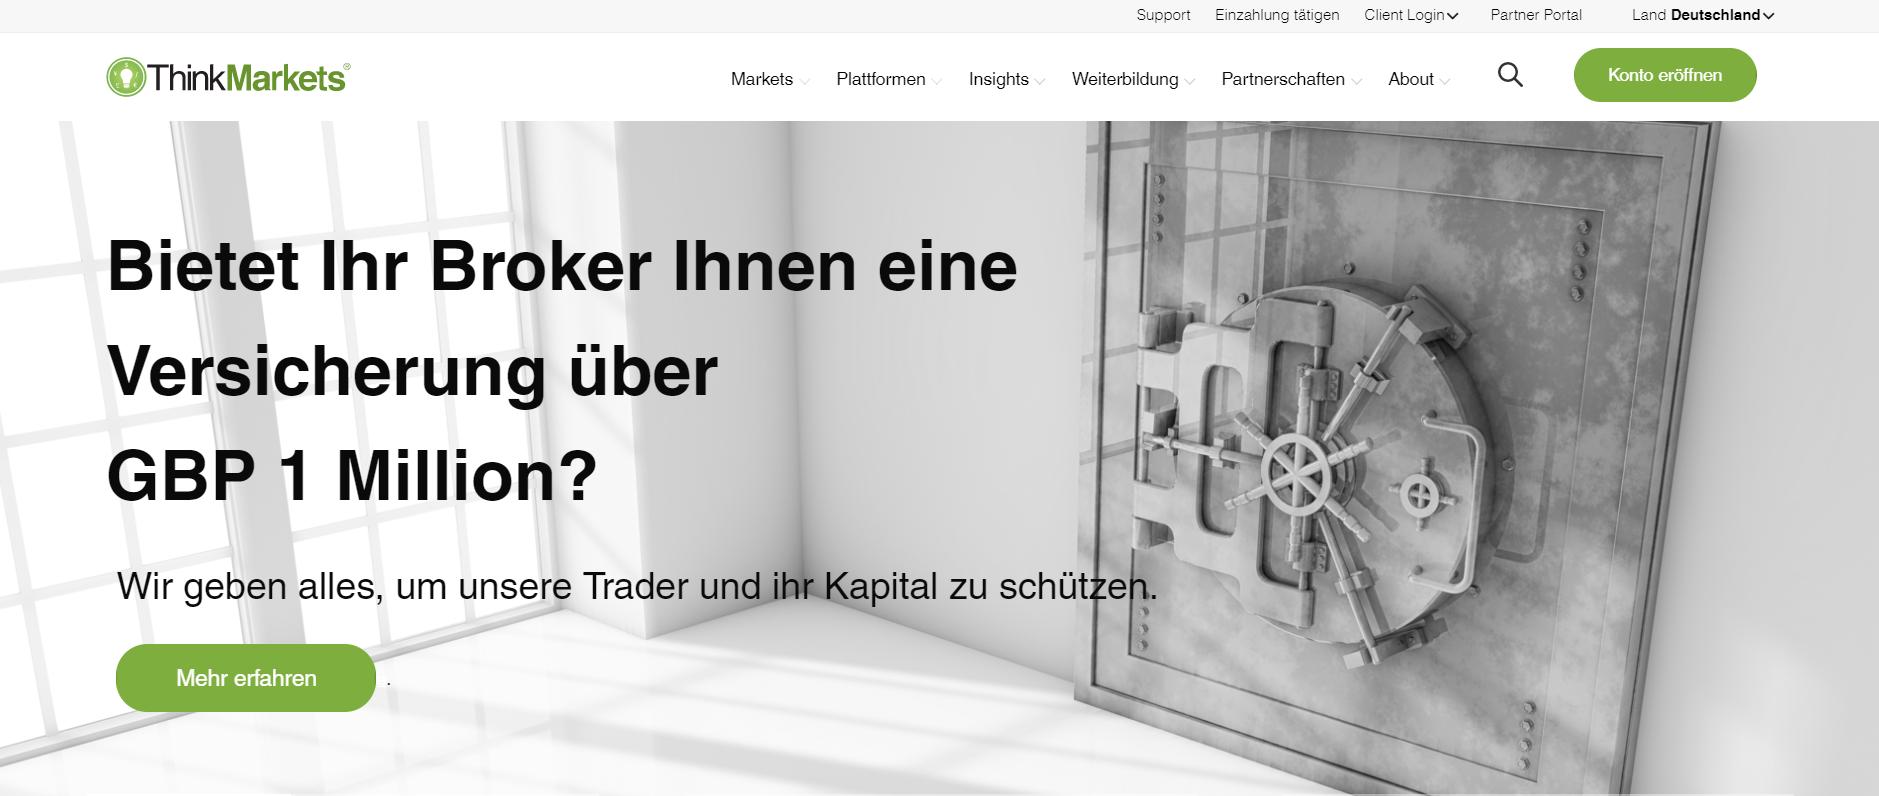 ThinkMarkets Webseite